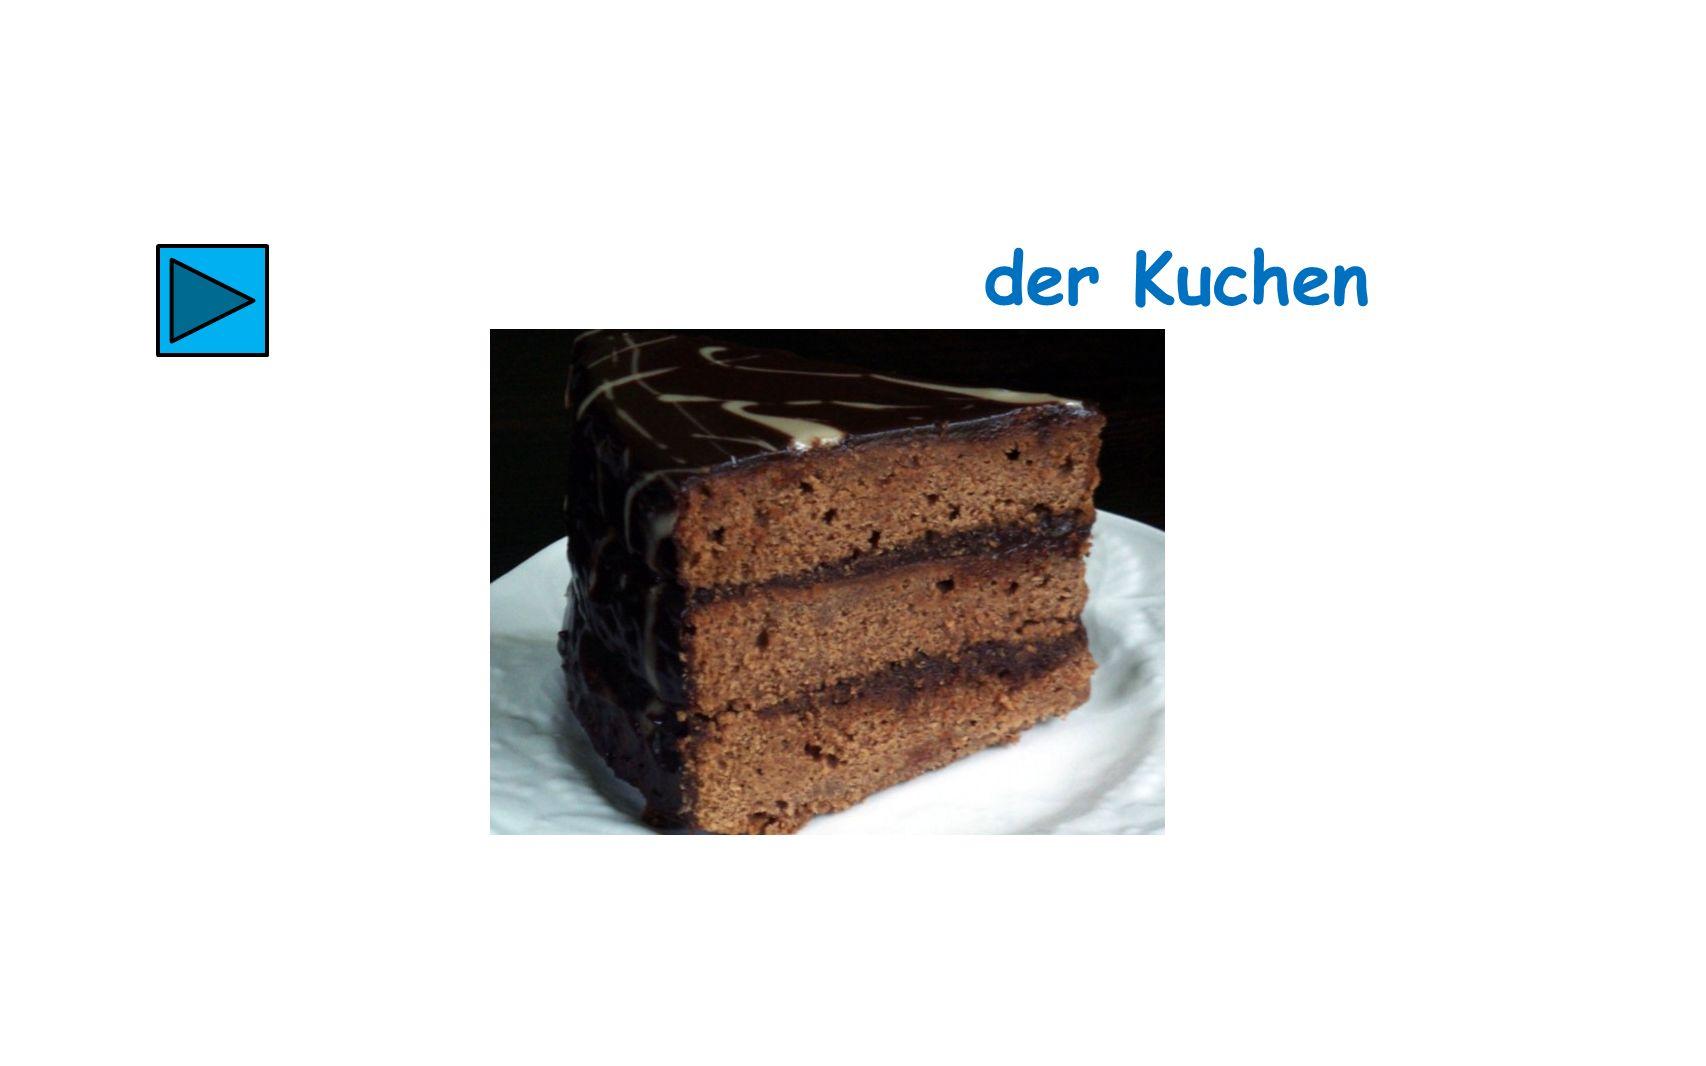 der Kuchen